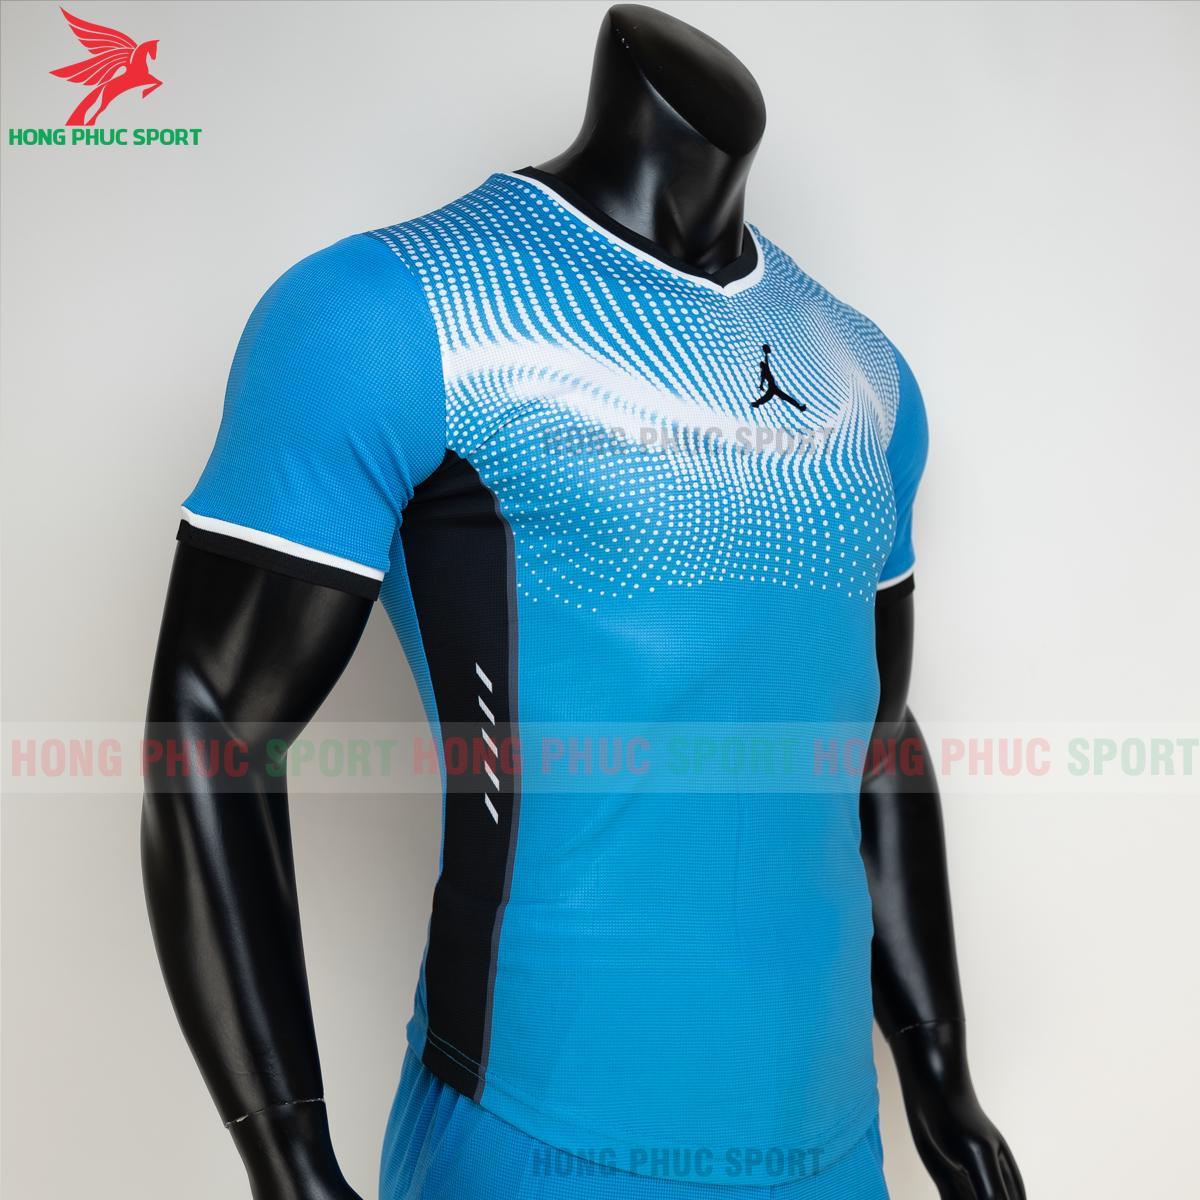 https://cdn.hongphucsport.com/unsafe/s4.shopbay.vn/files/285/ao-bong-chuyen-khong-logo-jordan-wave-mau-xanh-da-7-6050206455f5a.png